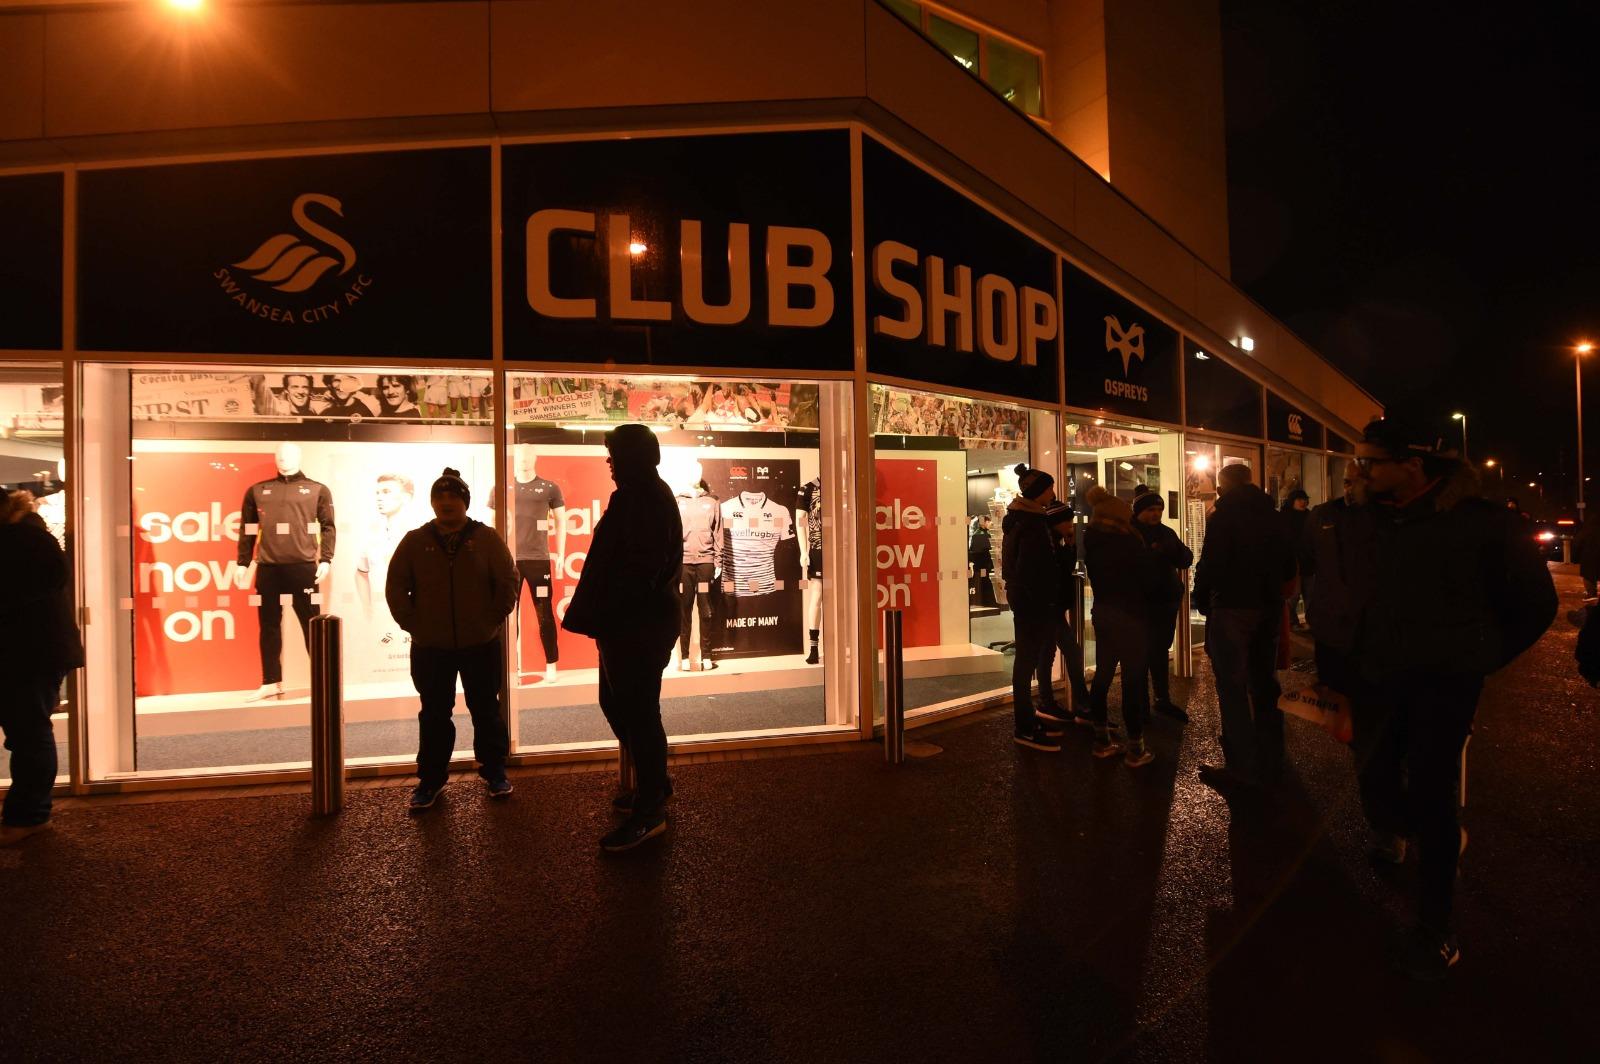 Ospreys Club Shop